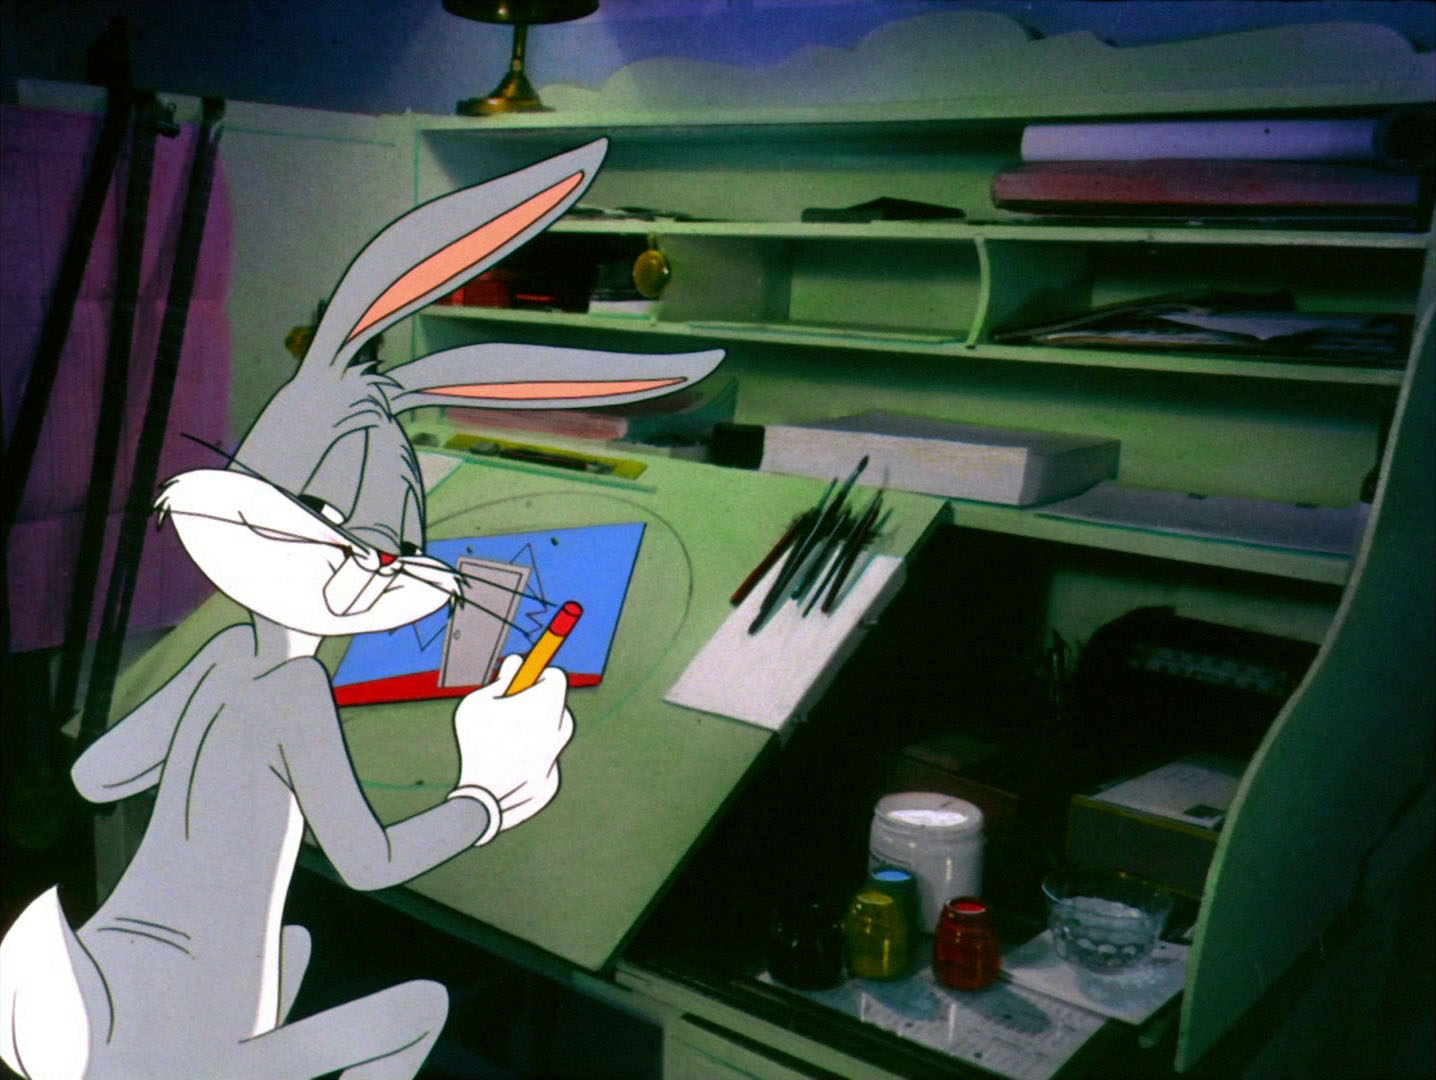 Wallpaper Tank Girl Looney Tunes Pictures Quot Duck Amuck Quot